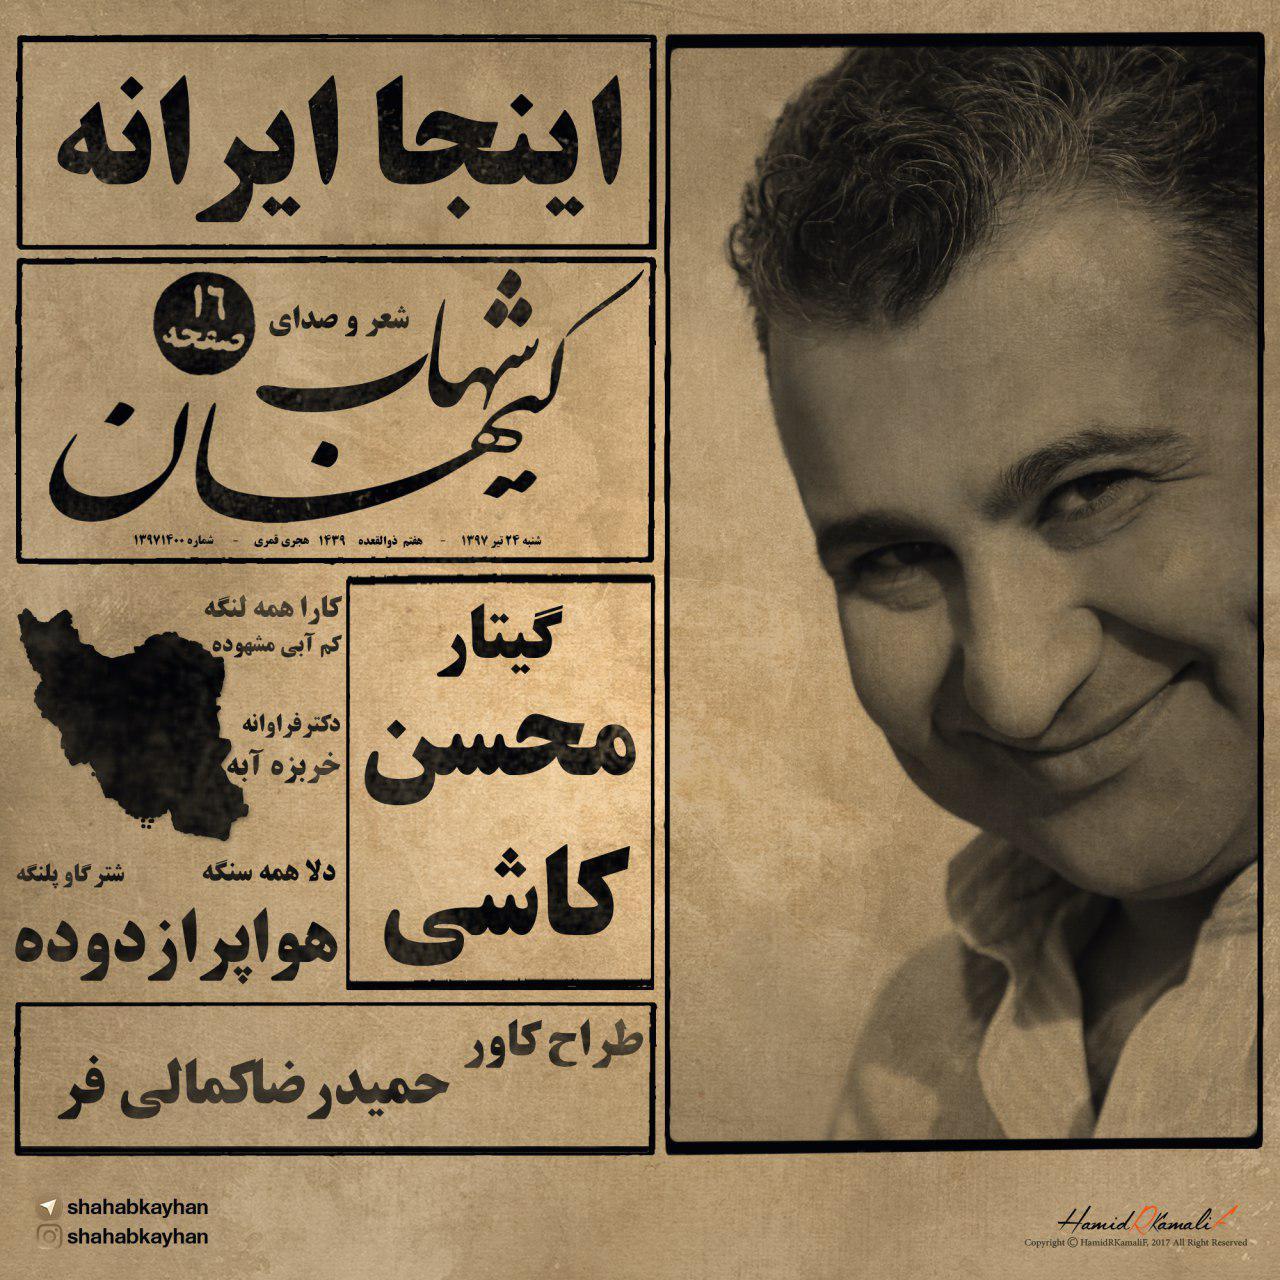 شهاب کیهان به نام اینجا ایرانه